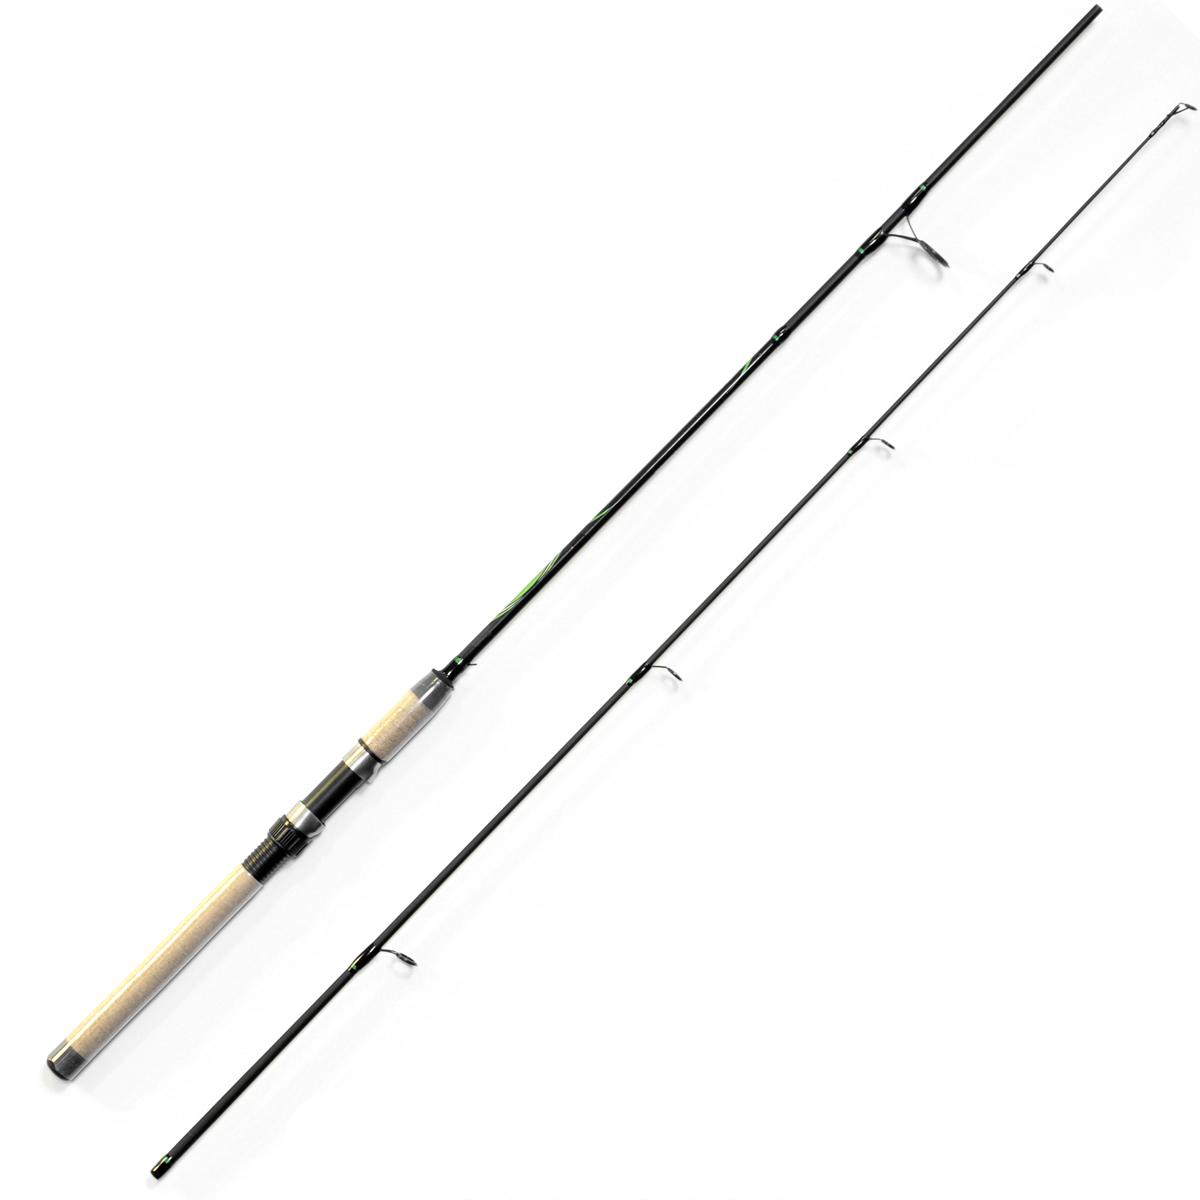 Спиннинг Salmo Sniper ULTRA SPIN 25 2.40, длина 2,4м, 5-25гPGPS7797CIS08GBNVУниверсальный спиннинг среднего строя из композита. Бланк имеет классическую расстановку колец со вставками SIC на одной ножке крепления, а самое большое – на двух, стык колен спиннинга произведен по типу OVER STEEK. Ручка имеет классический катушкодержатель с нижней гайкой крепления и пластиковый наконечник на торце.- Материал бланка удилища – композит- Строй бланка средний- Класс спиннинга M- Конструкция штекерная- Соединение колен типа OVER STEEK- Кольца пропускные:– усиленные– со вставками SIC– с расстановкой по классической концепции- Рукоятка: пробковая- Катушкодержатель:– винтового типа- Проволочная петля для закрепления приманок